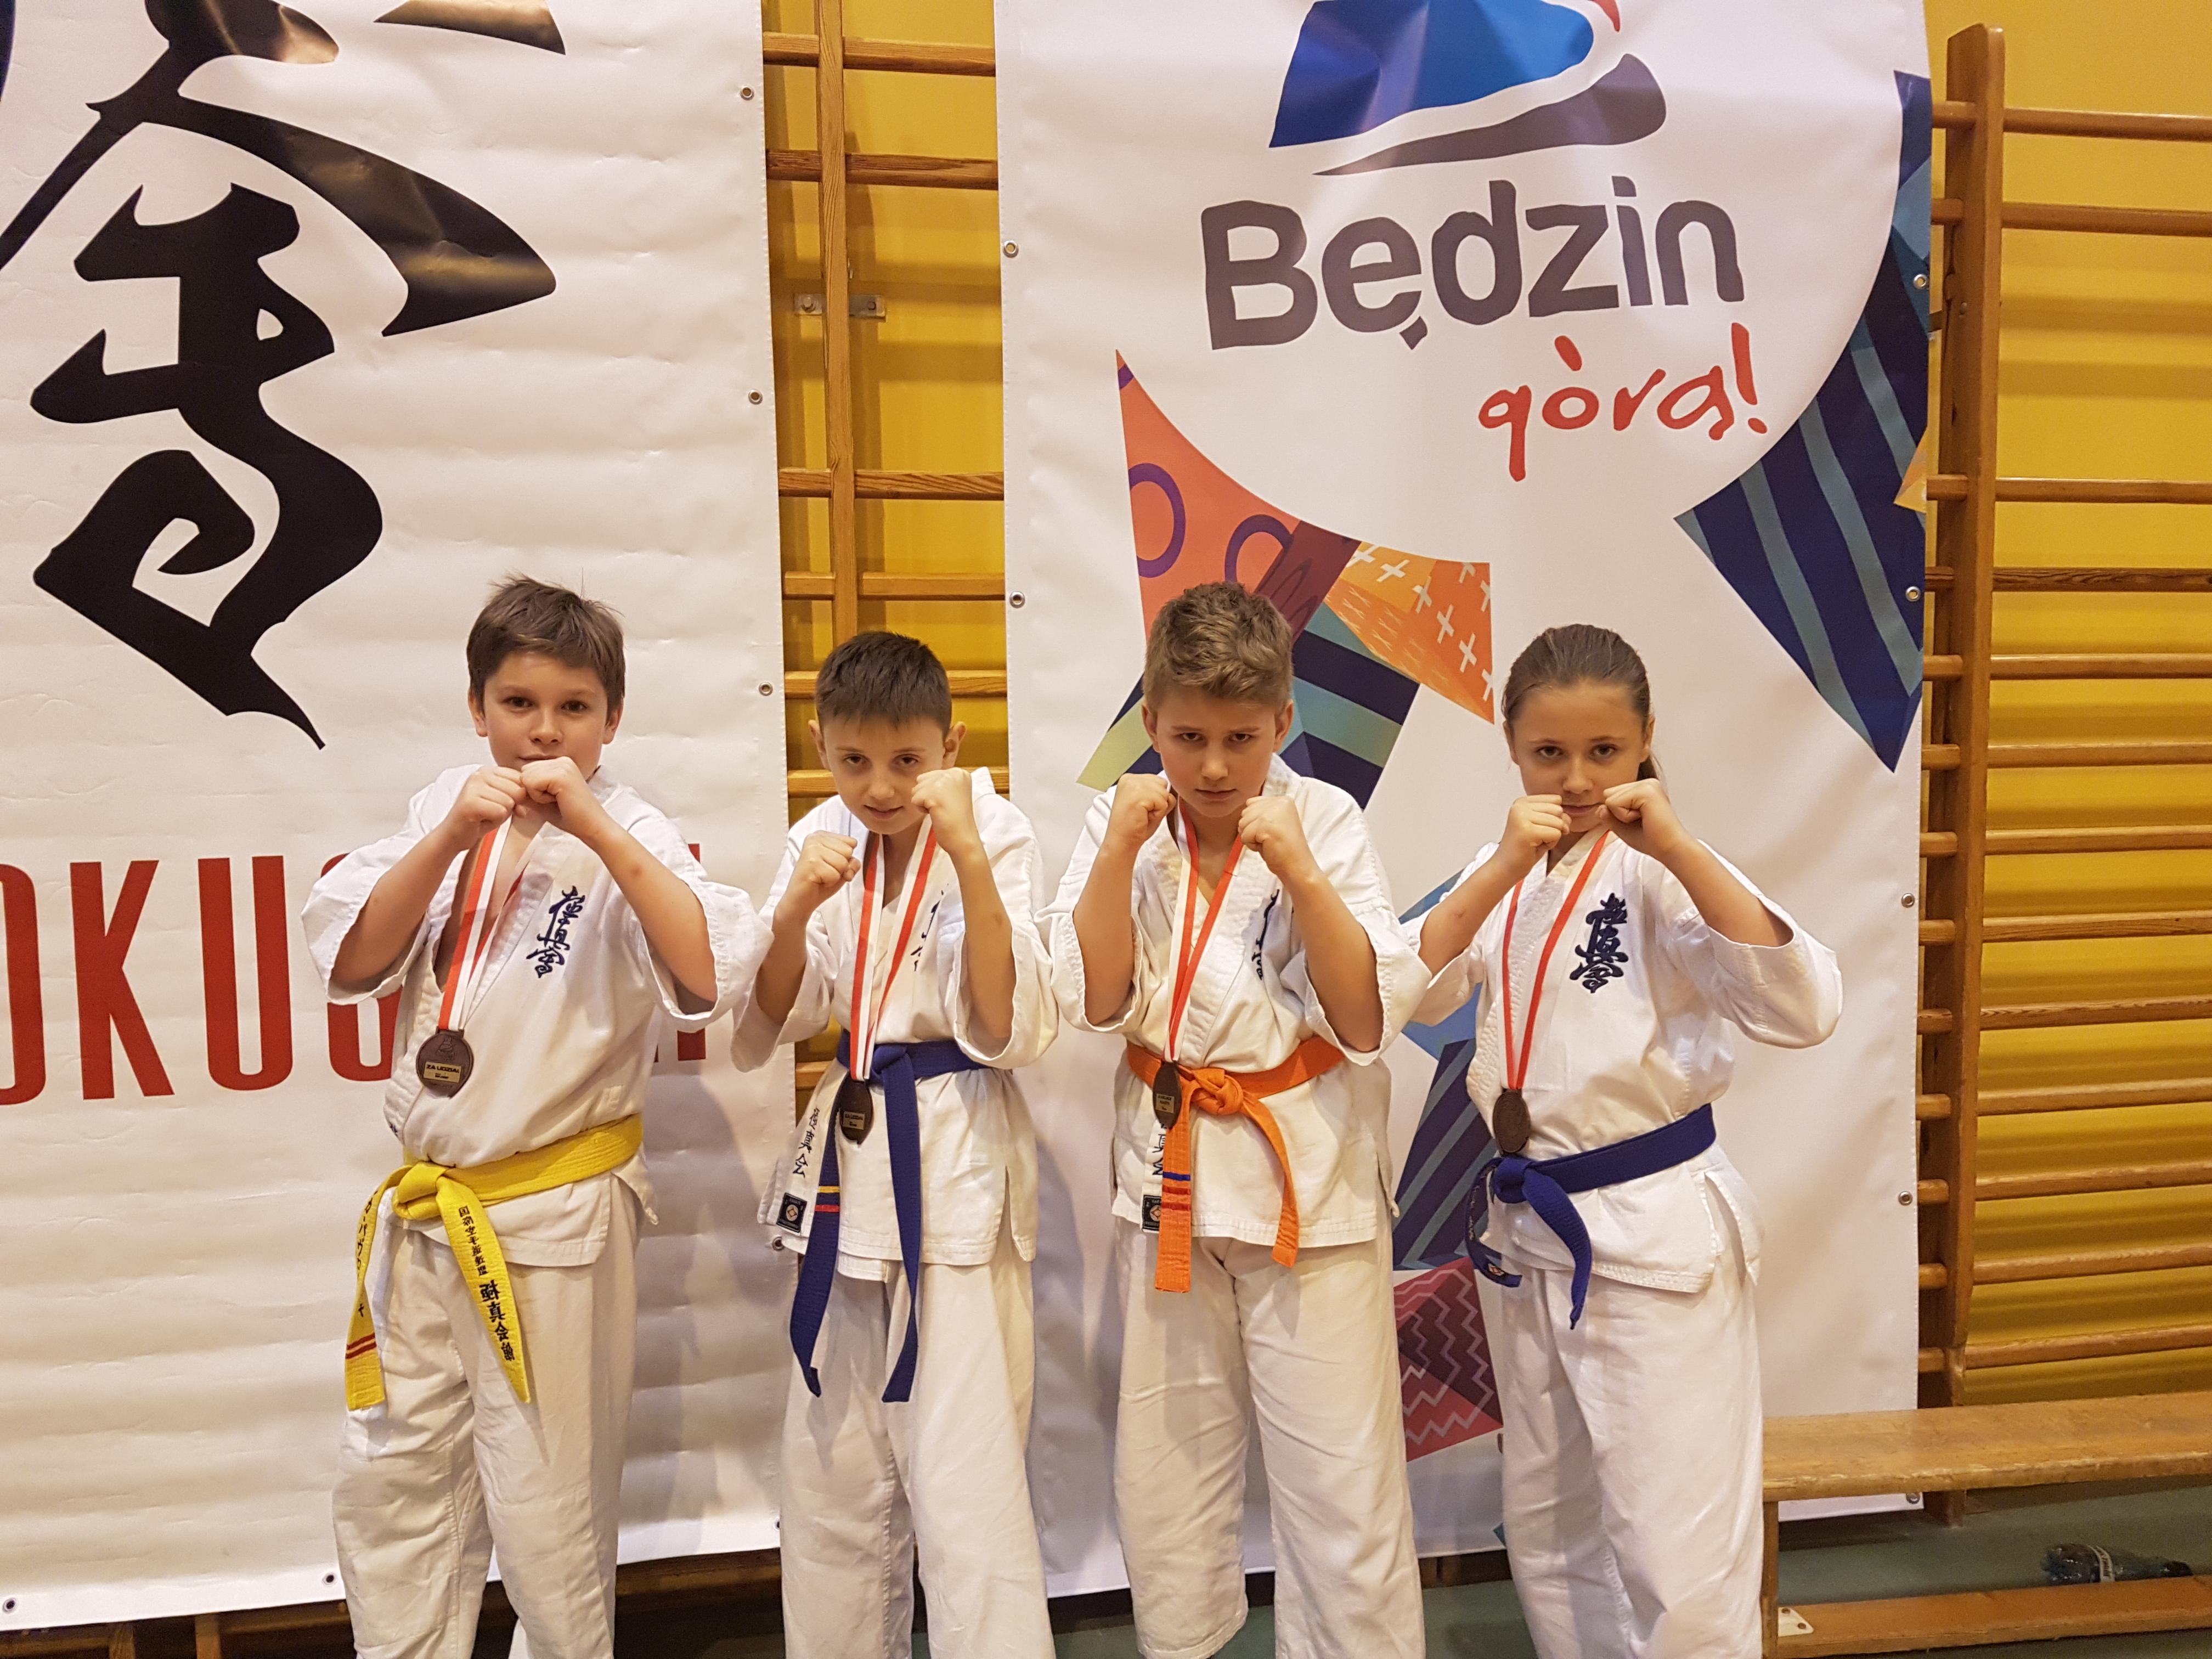 II_Turniej_Karate_w_Będzinie_2019_9.jpg